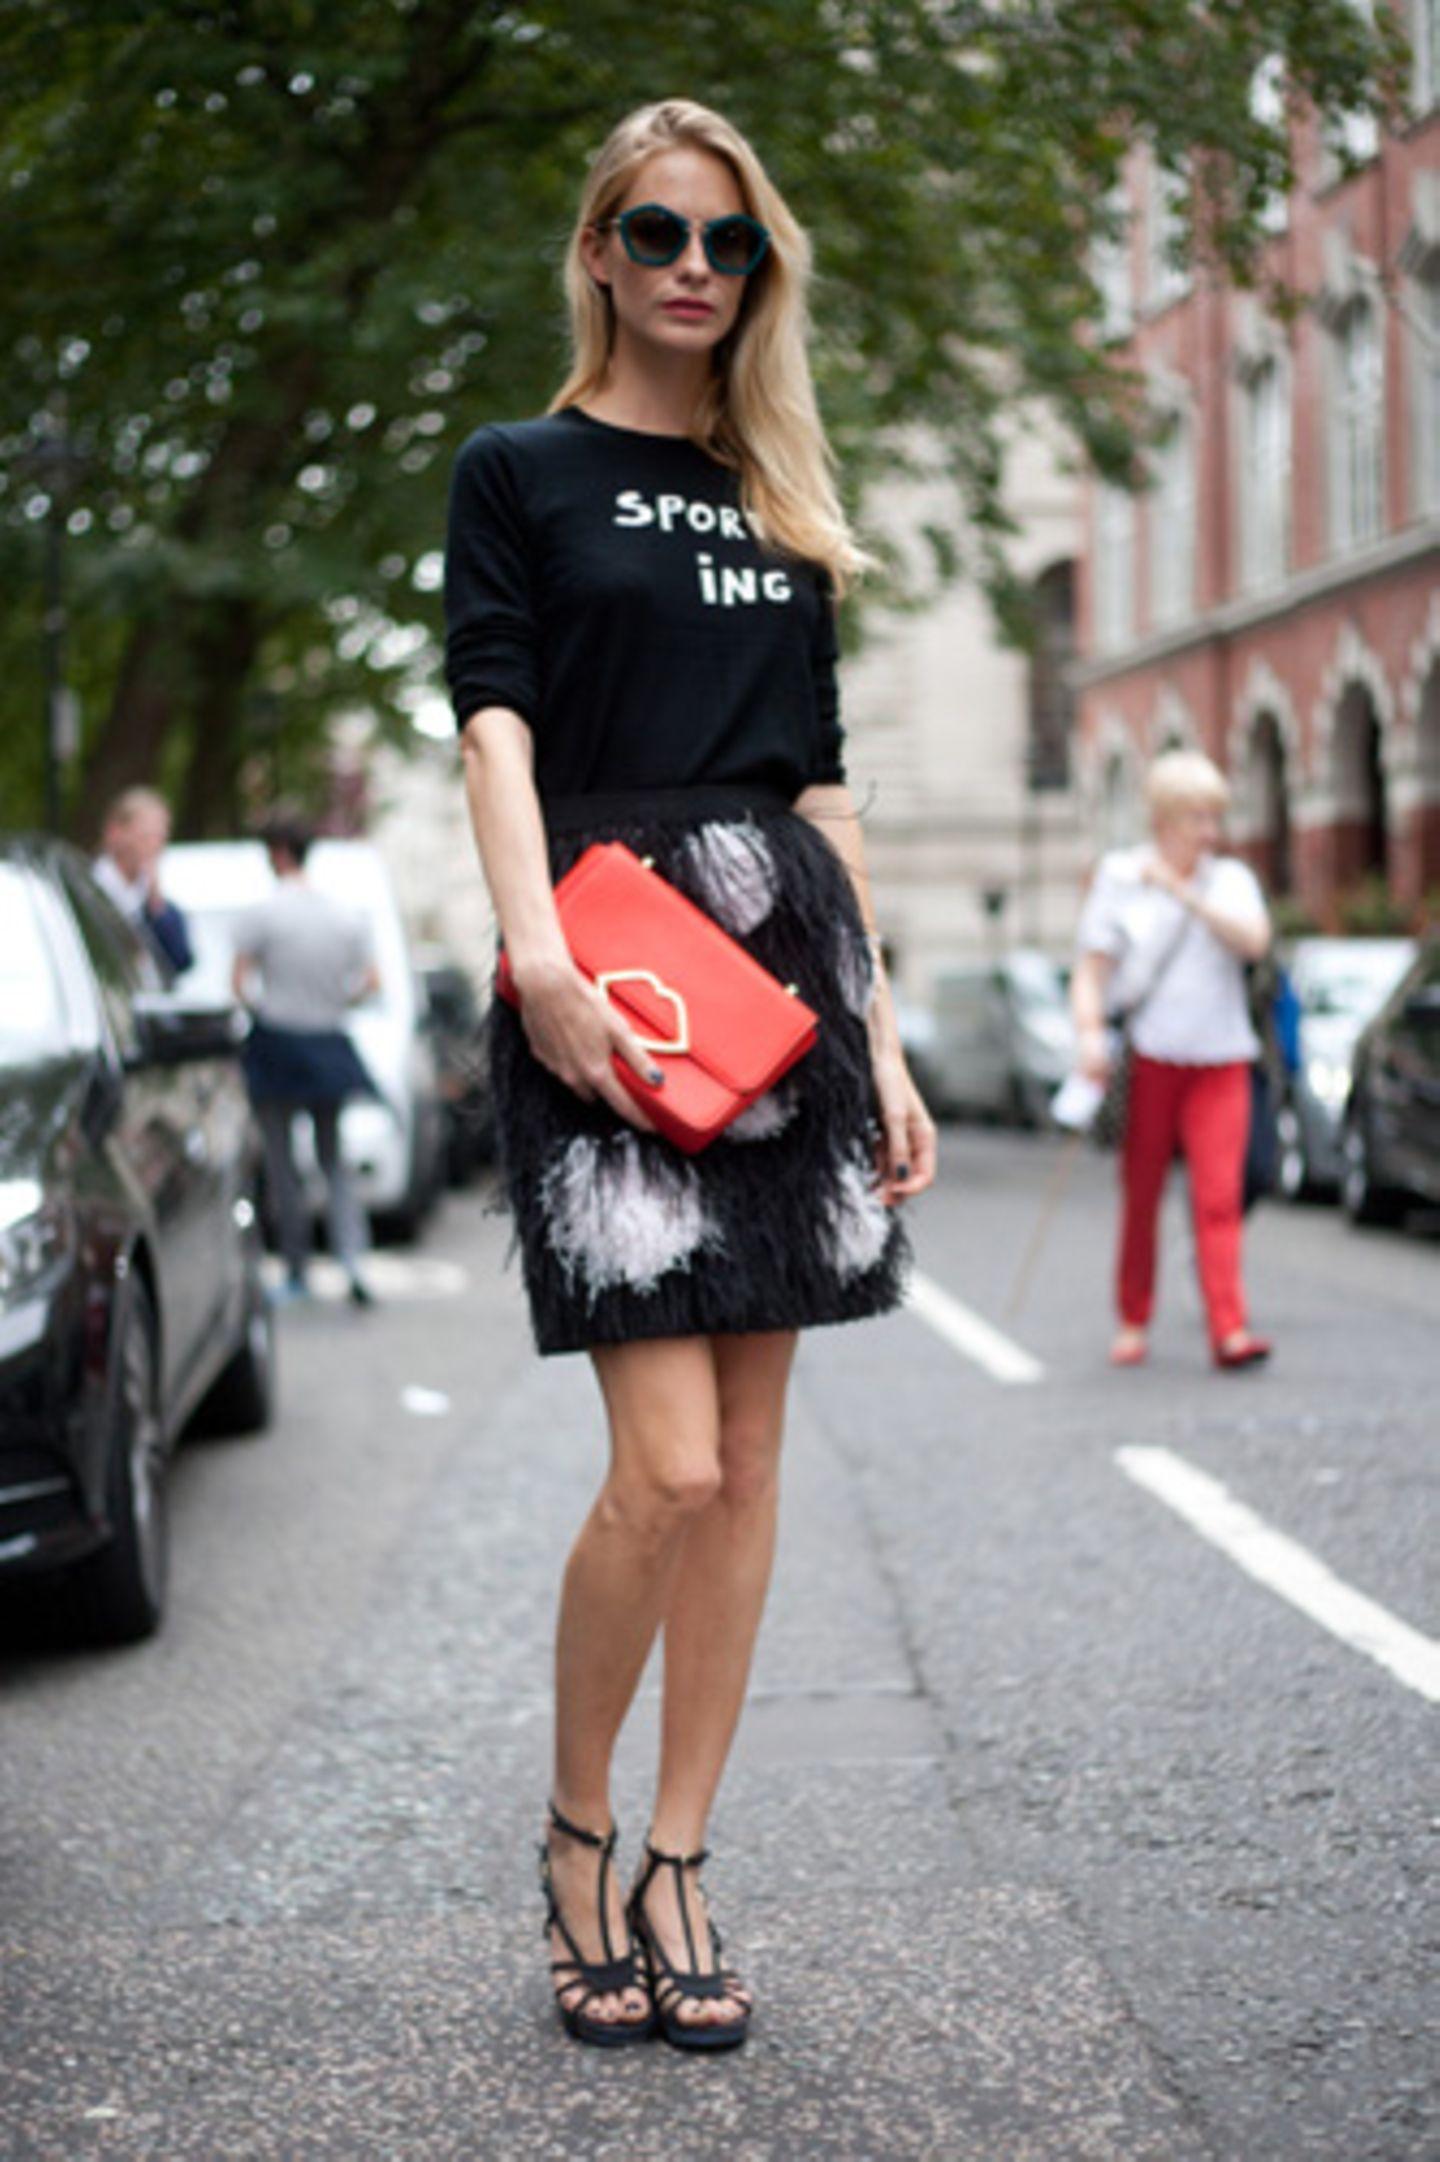 Irgendwo ist immer gerade Fashion Week? Stimmt fast genau! Während in Berlin, Kopenhagen, Stockholm, New York und London die Trends für den Sommer 2015 bereits gezeigt wurden, ist die Mailänder Modewoche gerade in vollem Gange. Das grande finale wiederum findet wie jede Saison in Paris statt - aber gemach, gemach. Wir werfen erstmal einen Blick zurück und schauen uns die wie immer tiptop angezogenen Modewochenbesucherinnen in New York und London an. Auf den Straßen des Big Apples verlieben wir uns in eine knallrote Kussmund-Tasche zum fedrigen Pünktchenrock und Sweater. Merke: Logo-Sweater erfreuen sich weiterhin großer Beliebtheit und werden einfach zu allem kombiniert.